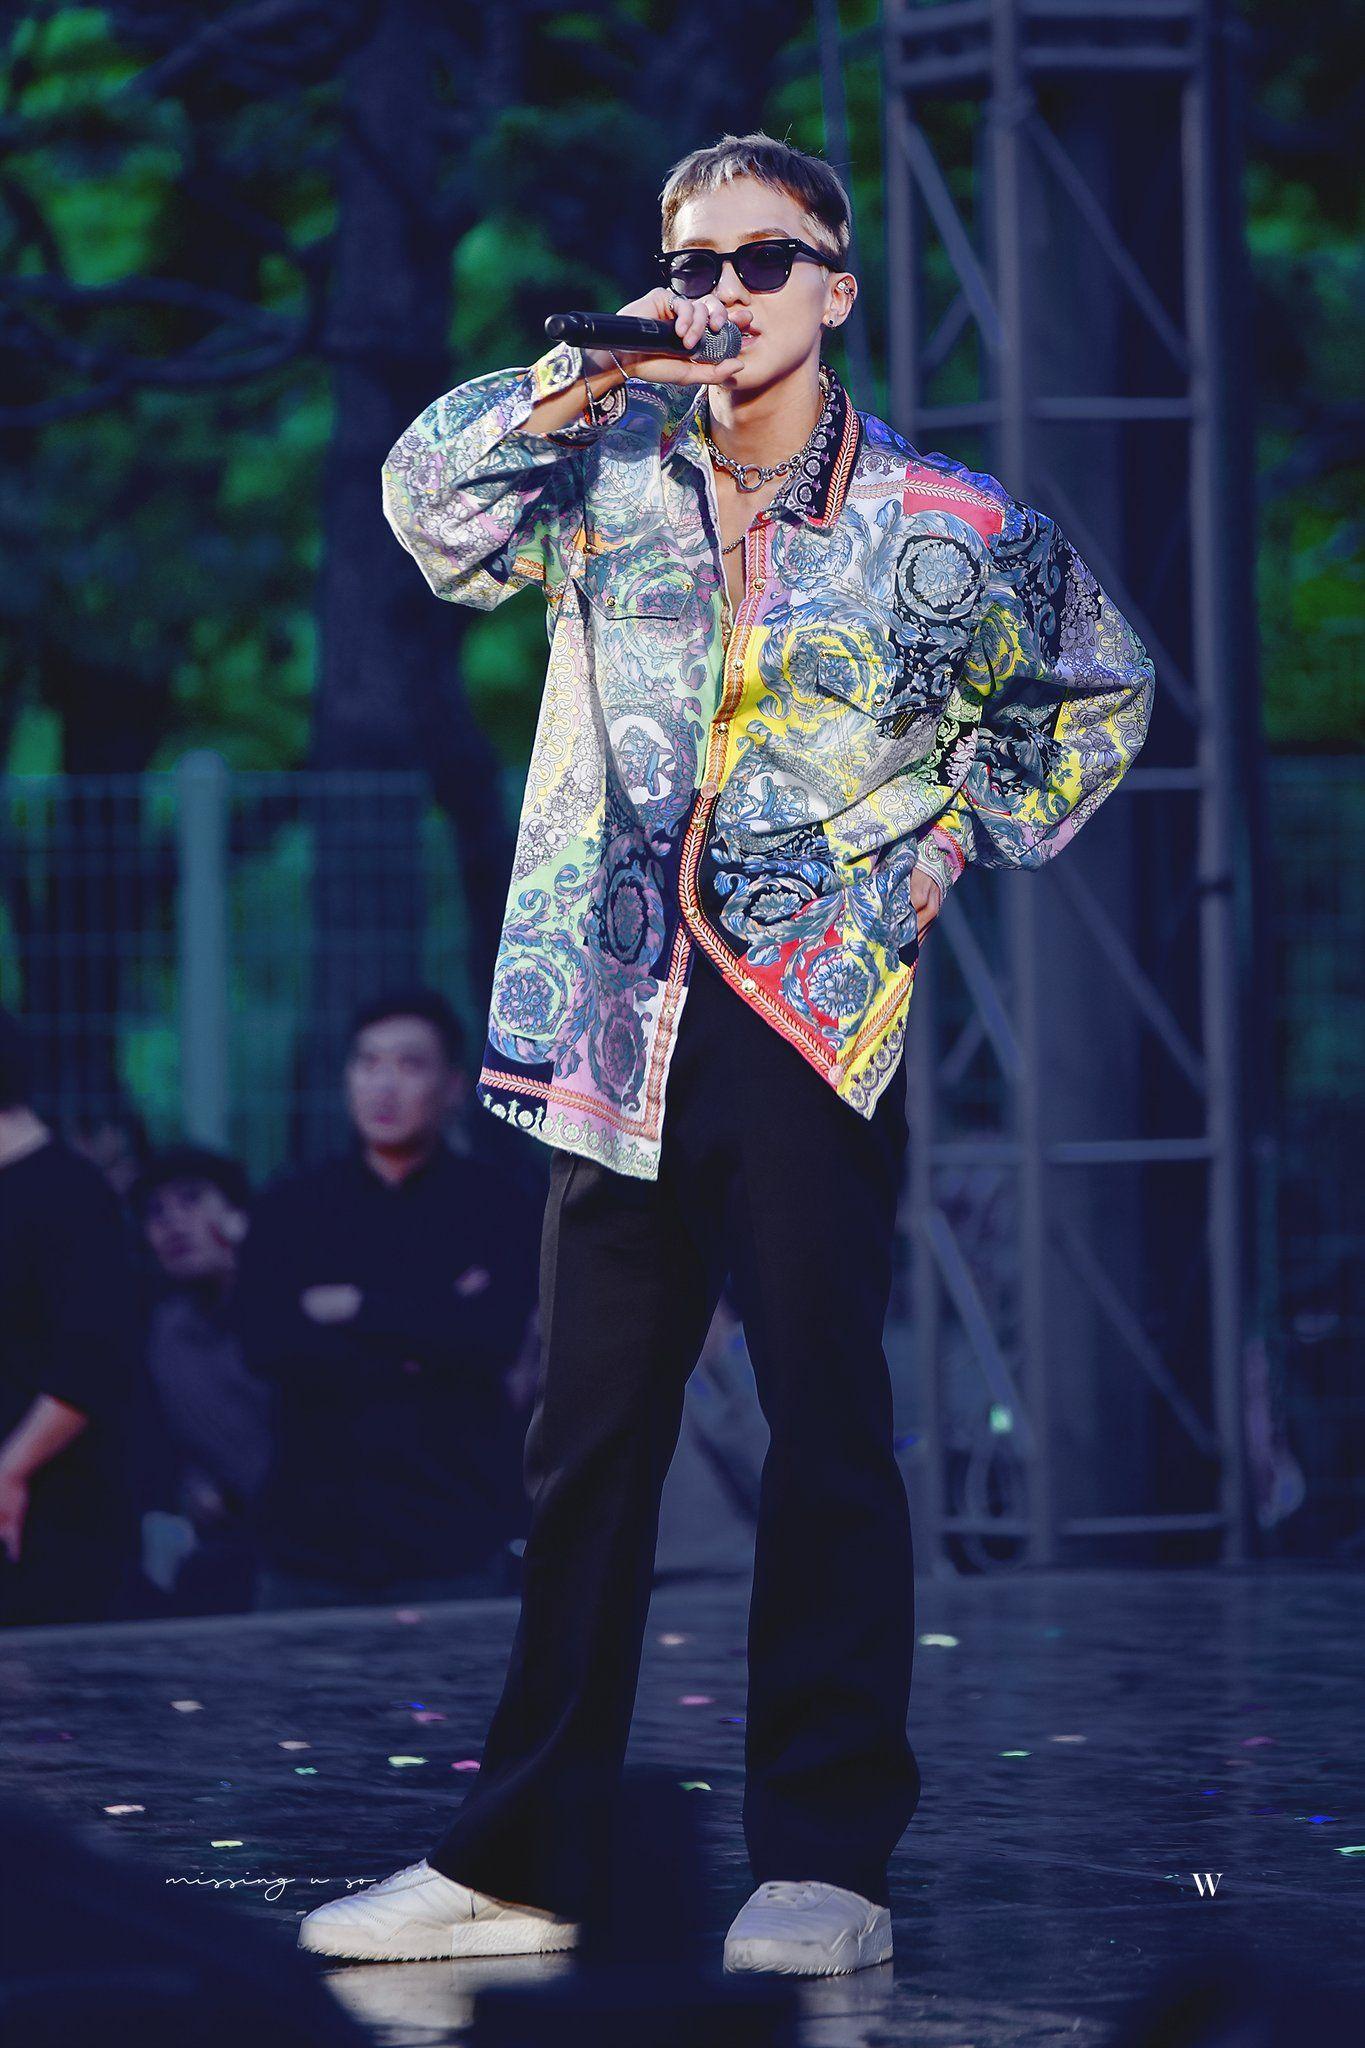 thời trang sao Hàn mino mặc áo sơ mi họa tiết